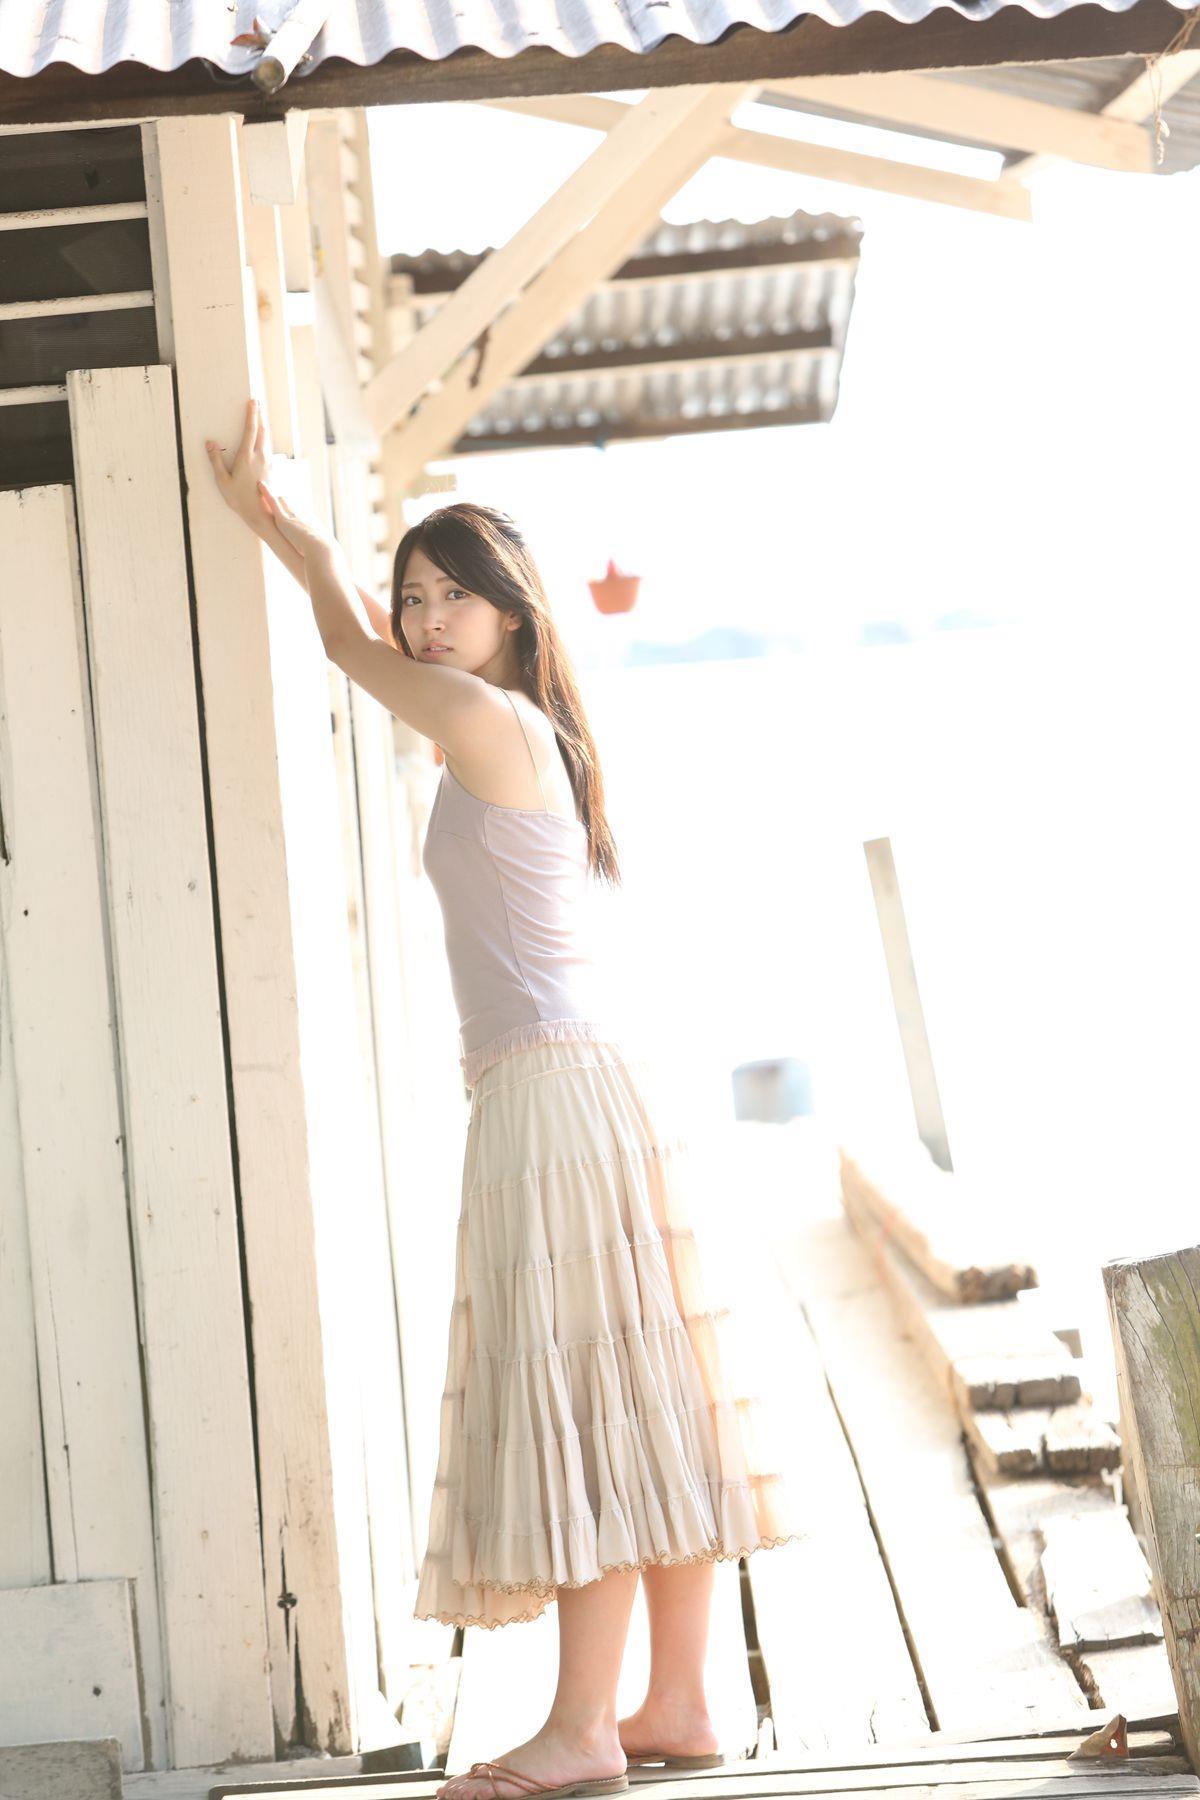 鈴木愛理(℃-ute) 画像 102